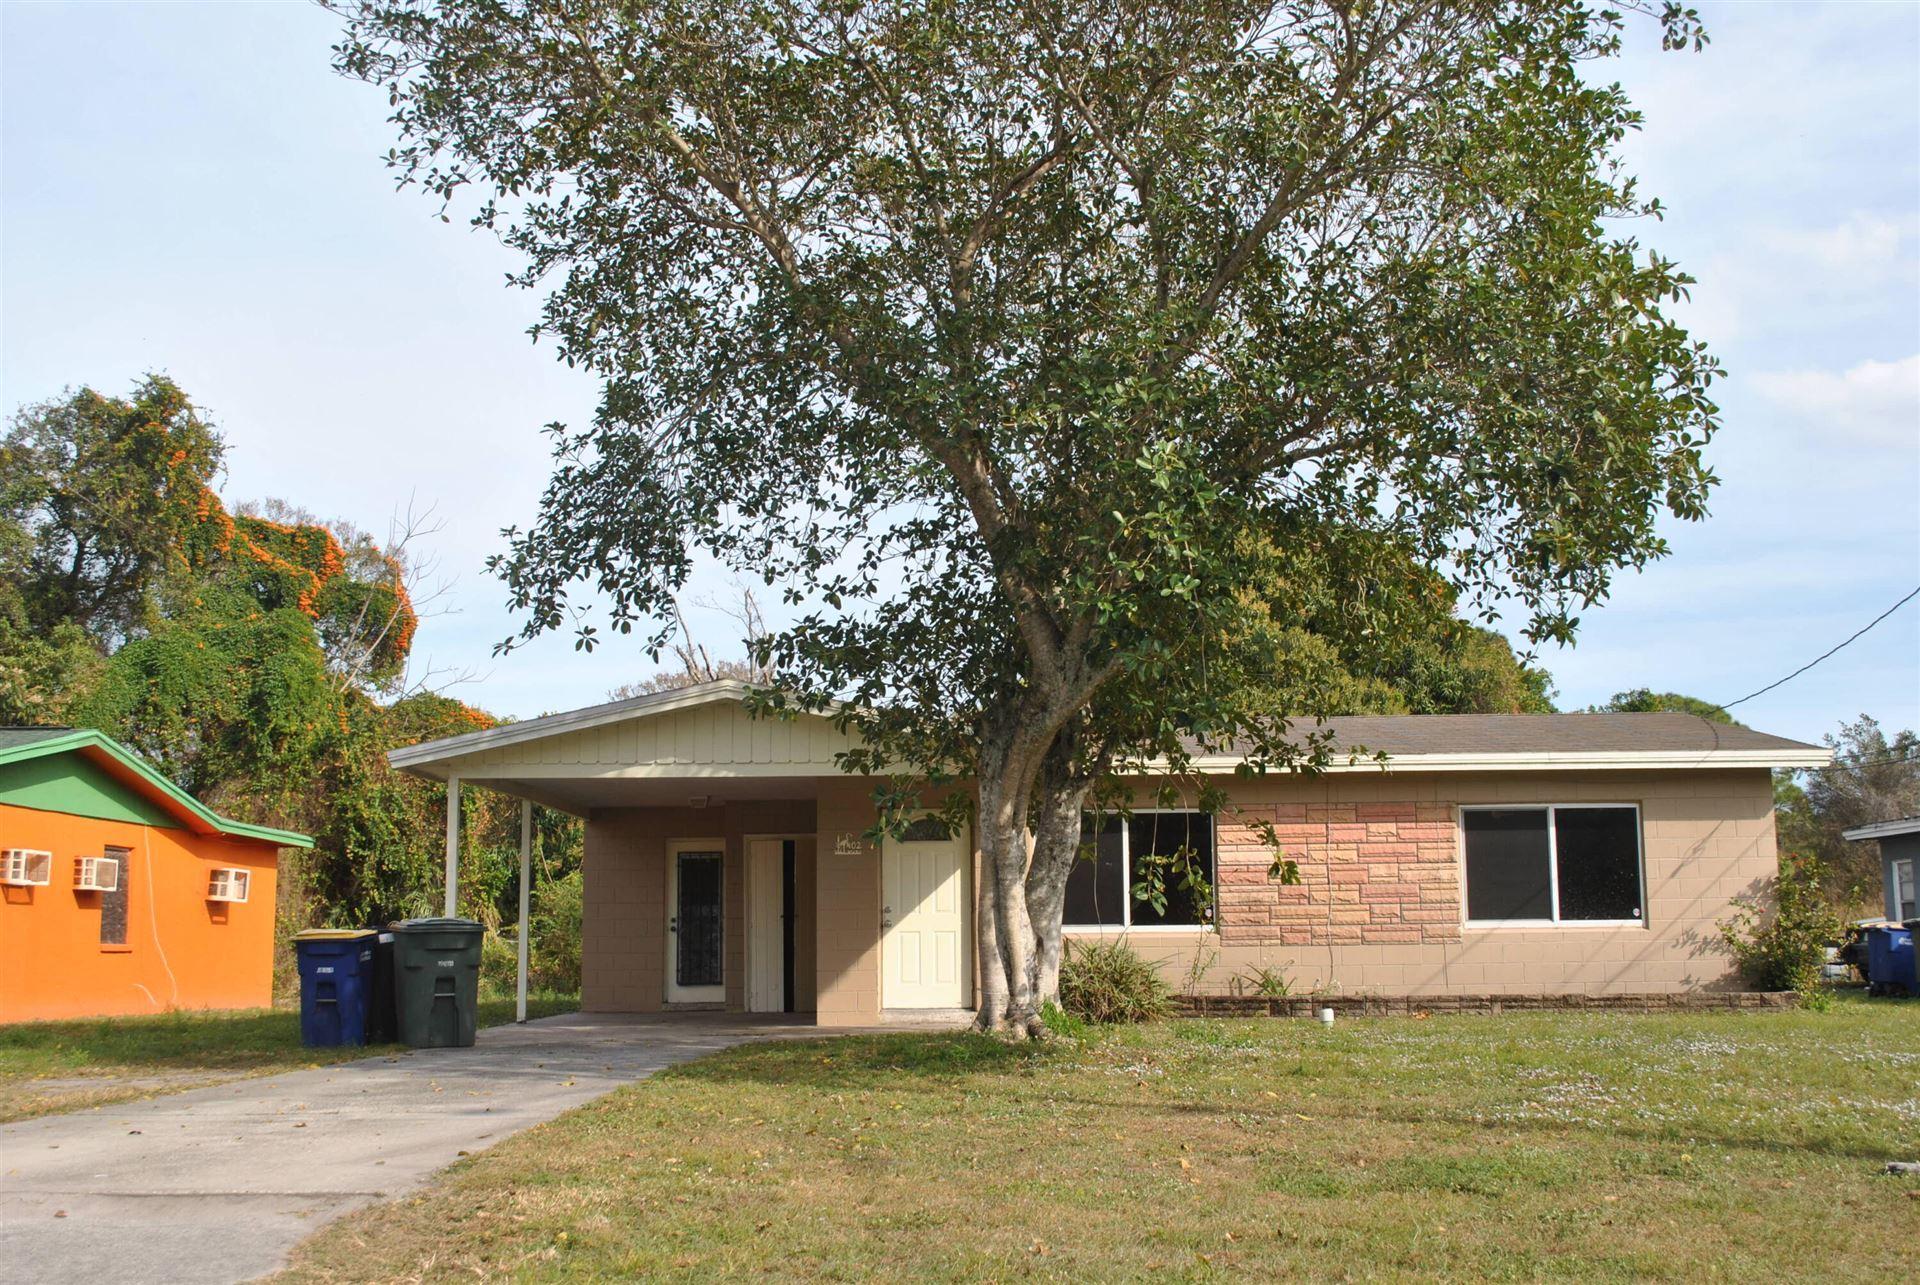 Photo of 402 N 21st Street, Fort Pierce, FL 34950 (MLS # RX-10706699)